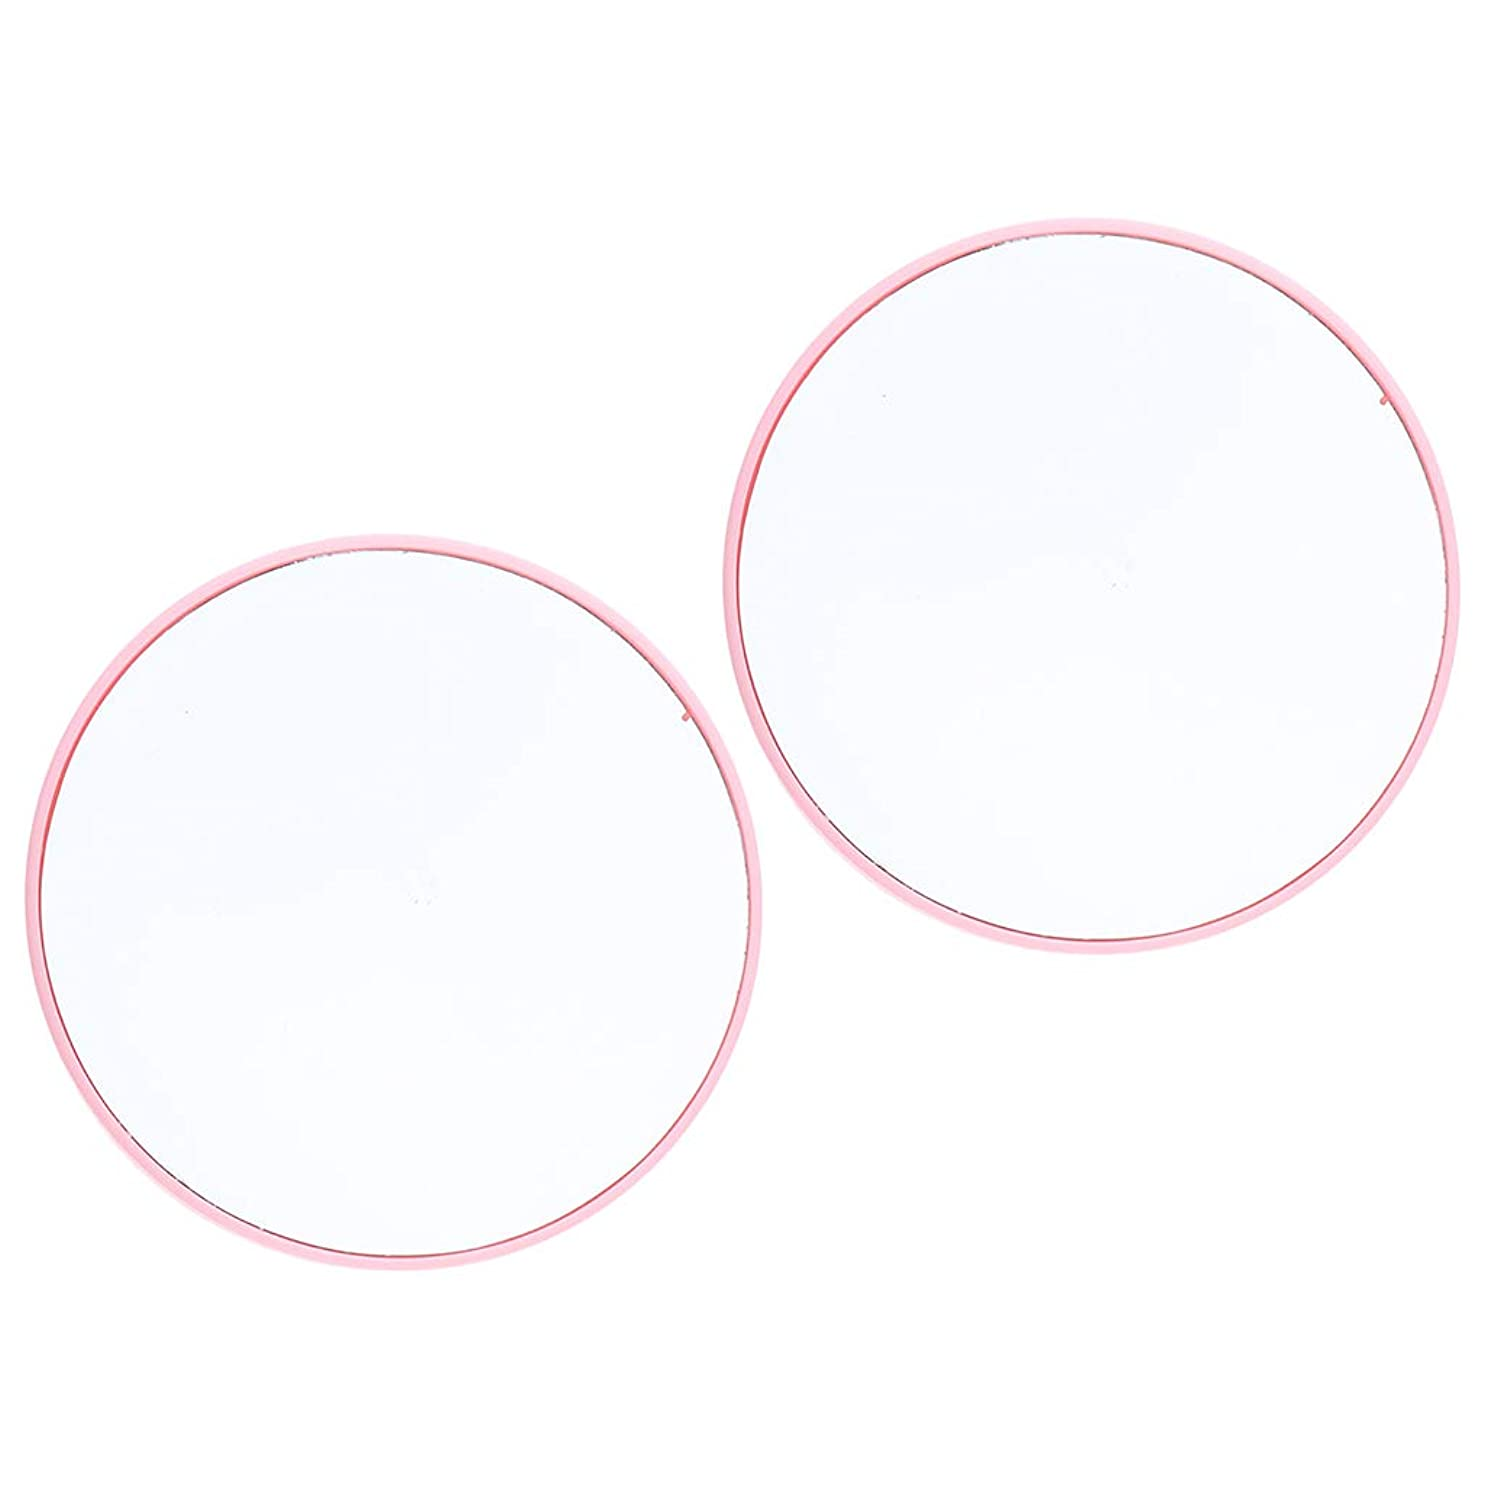 城スペイン溝2個 10倍 拡大ミラー サクションメイクミラー 吸引カップ 化粧鏡 3色選べ - ピンク